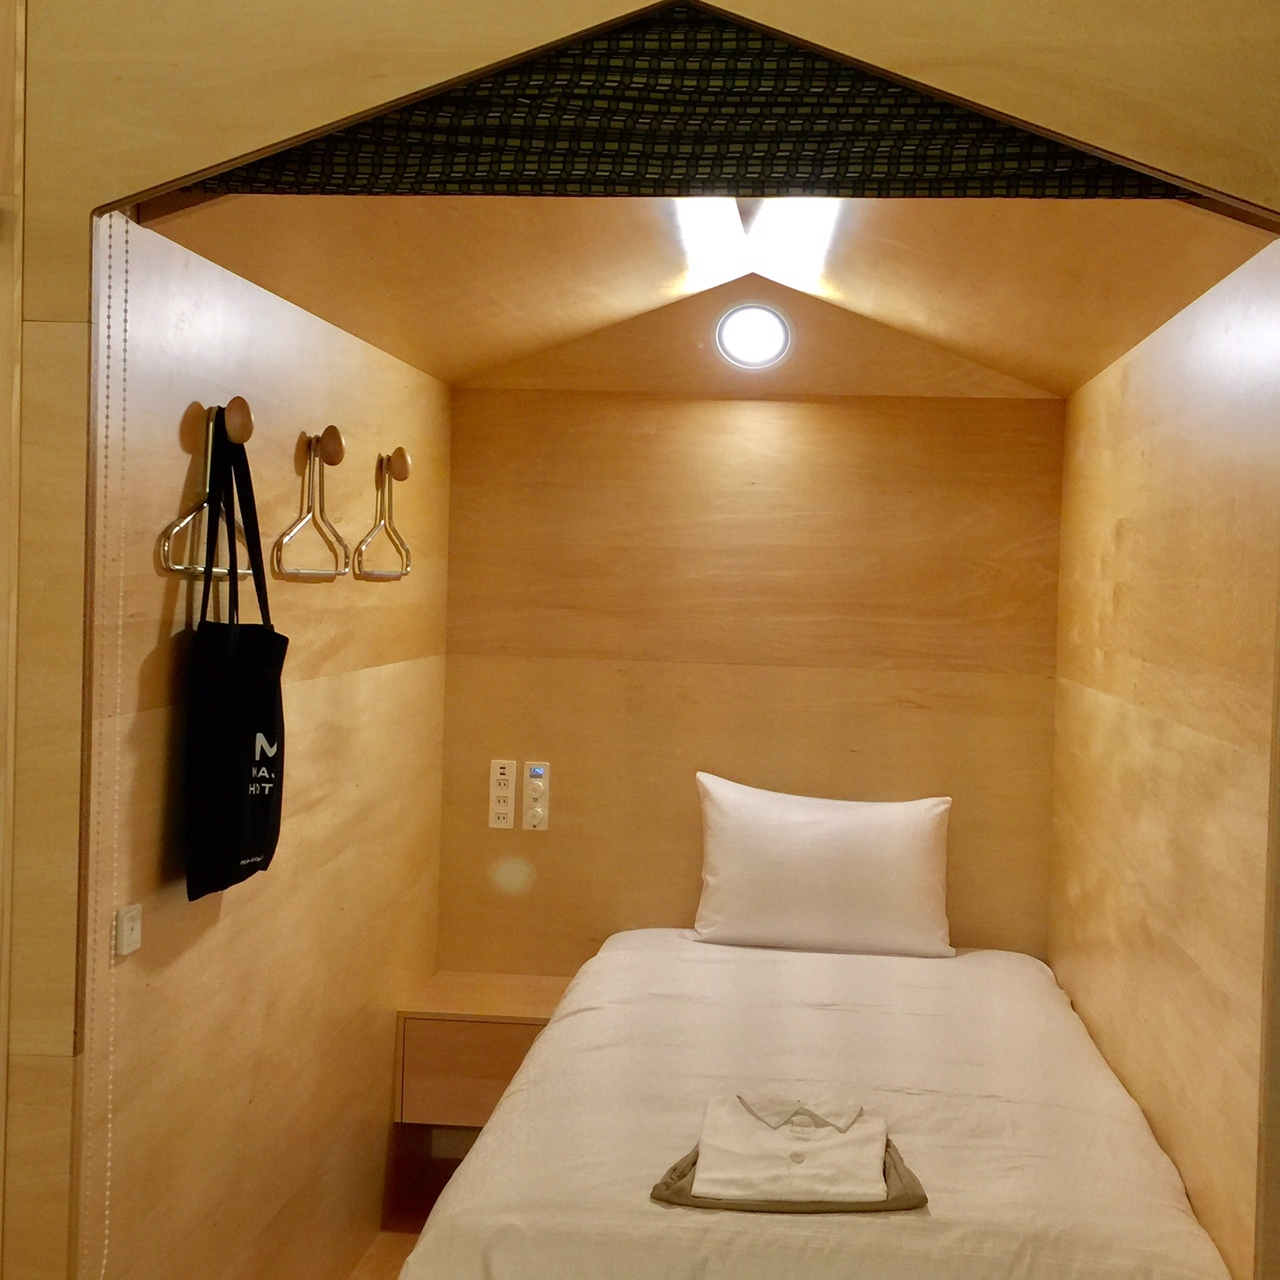 京都にできた北欧スタイルの宿、MAJA HOTEL KYOTOに泊まる!_1_4-11